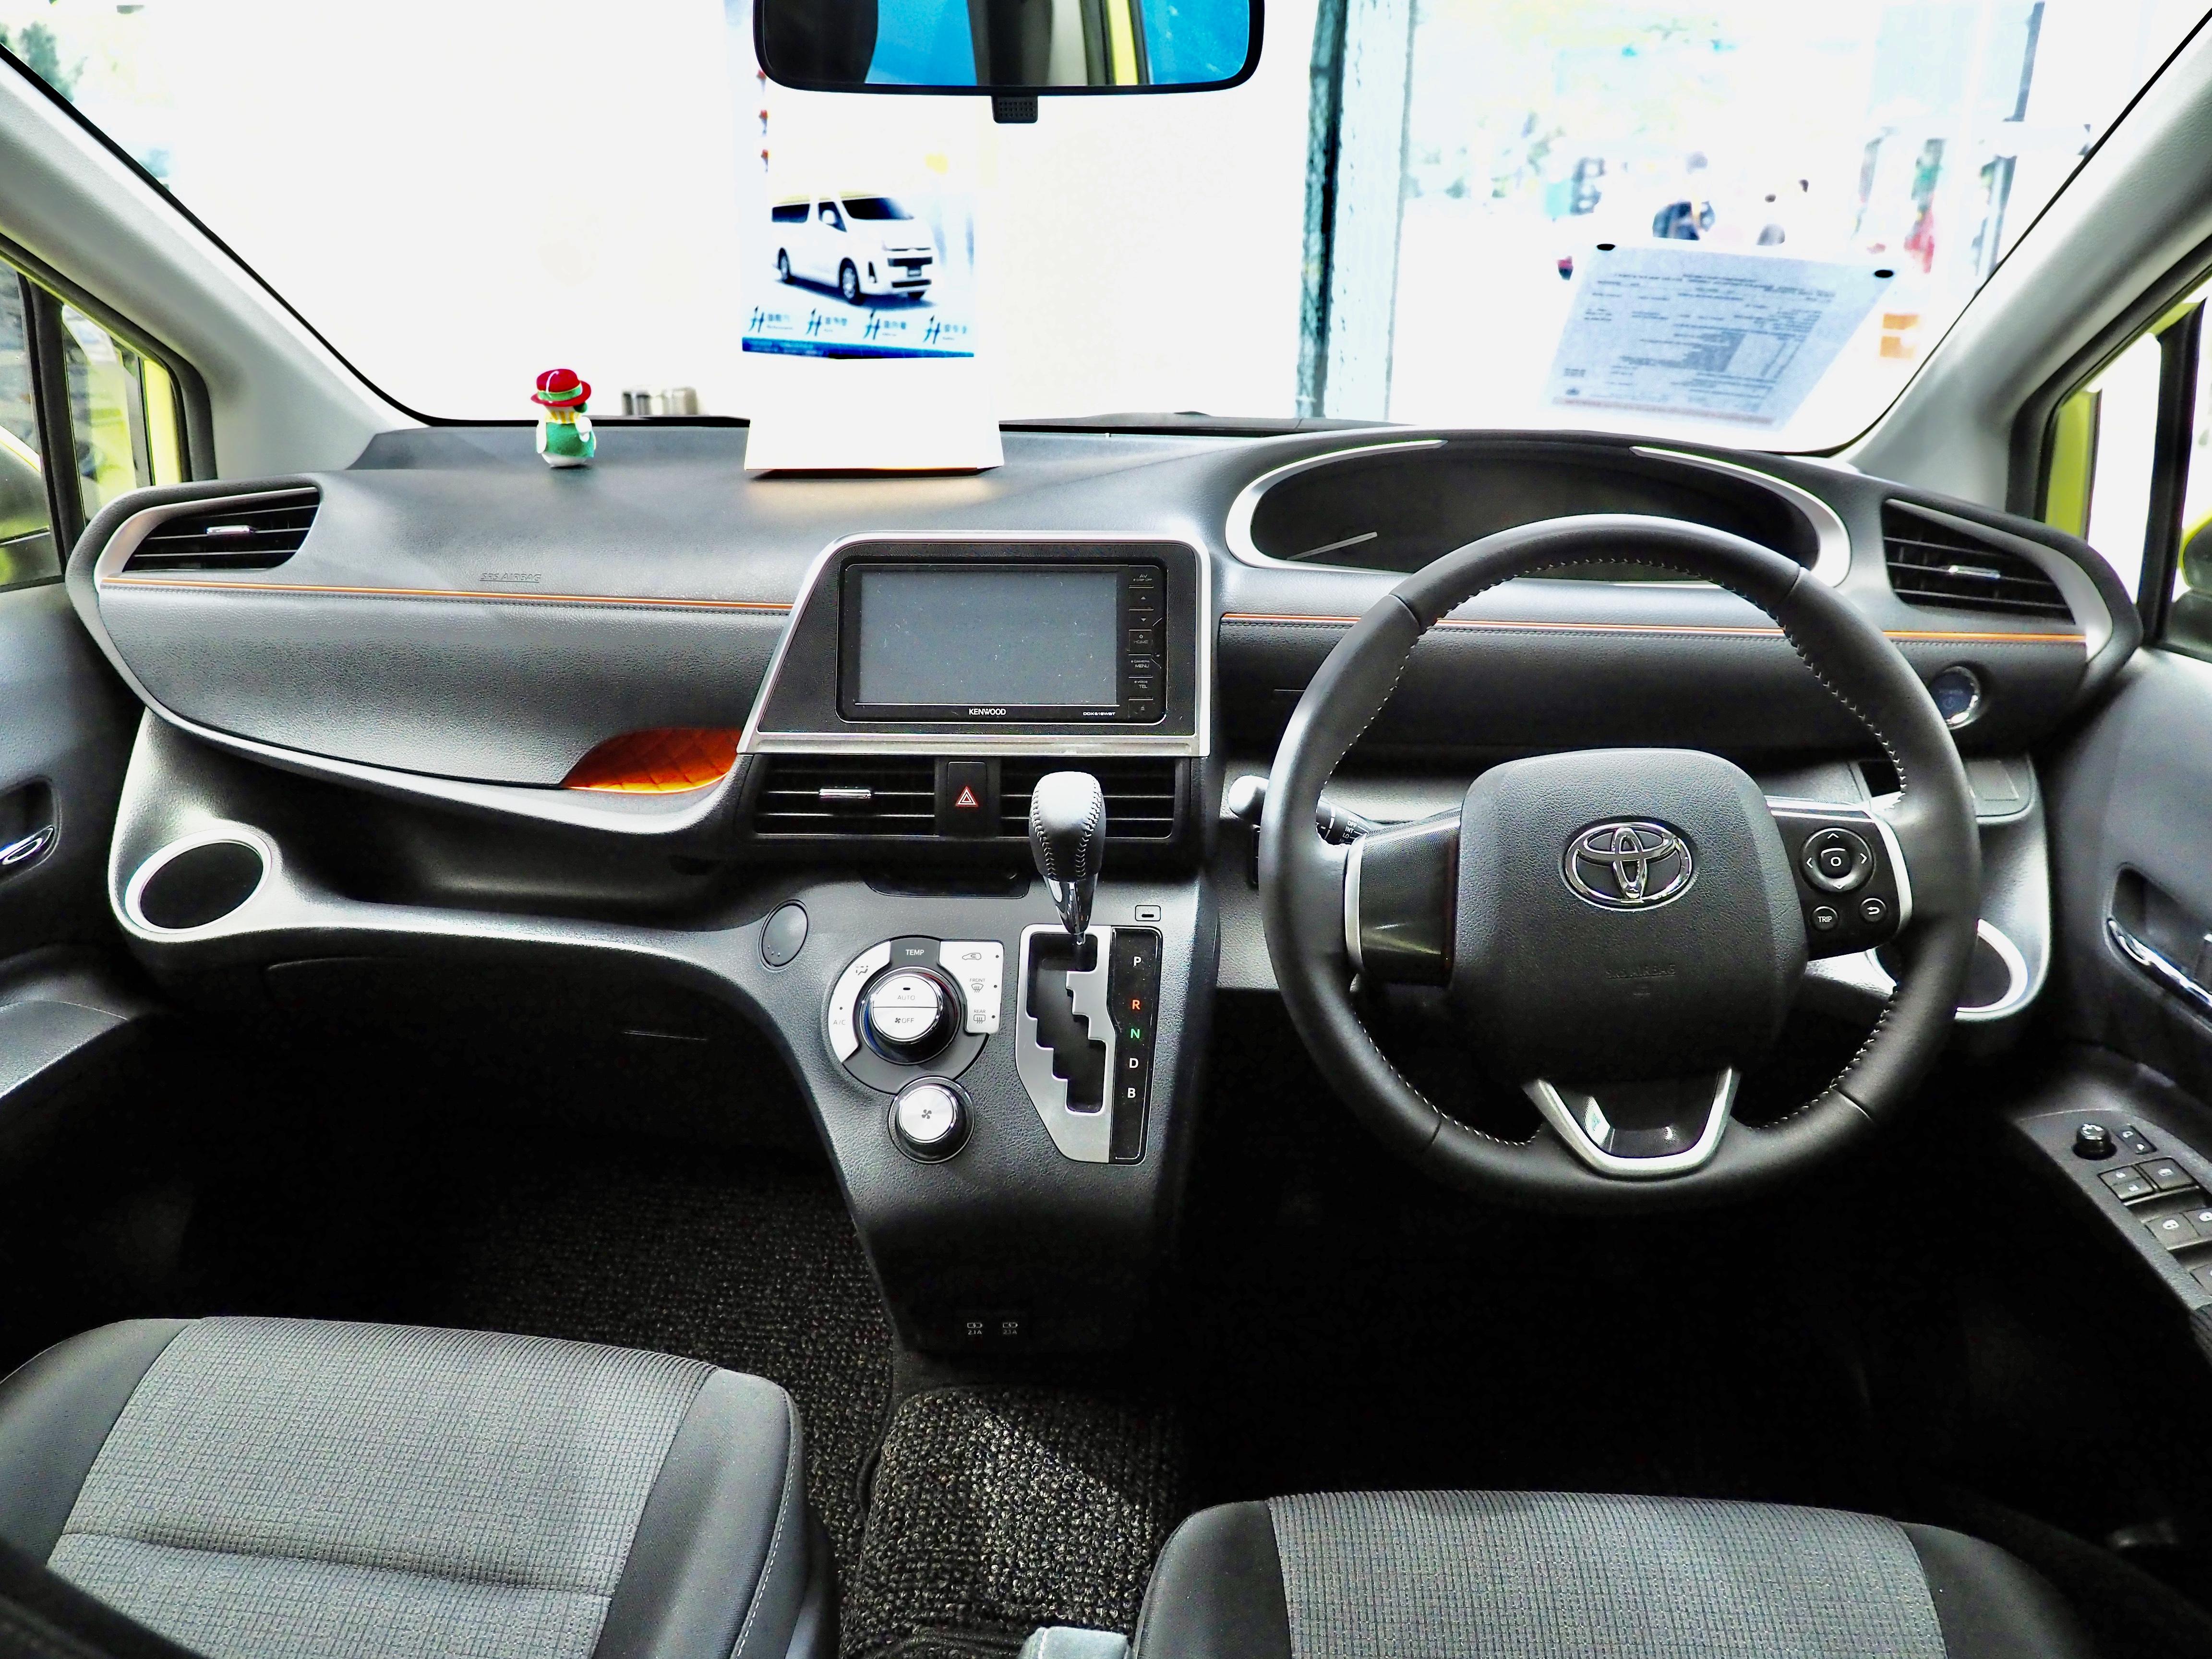 Kelebihan Kekurangan Toyota Sienta 2018 Review